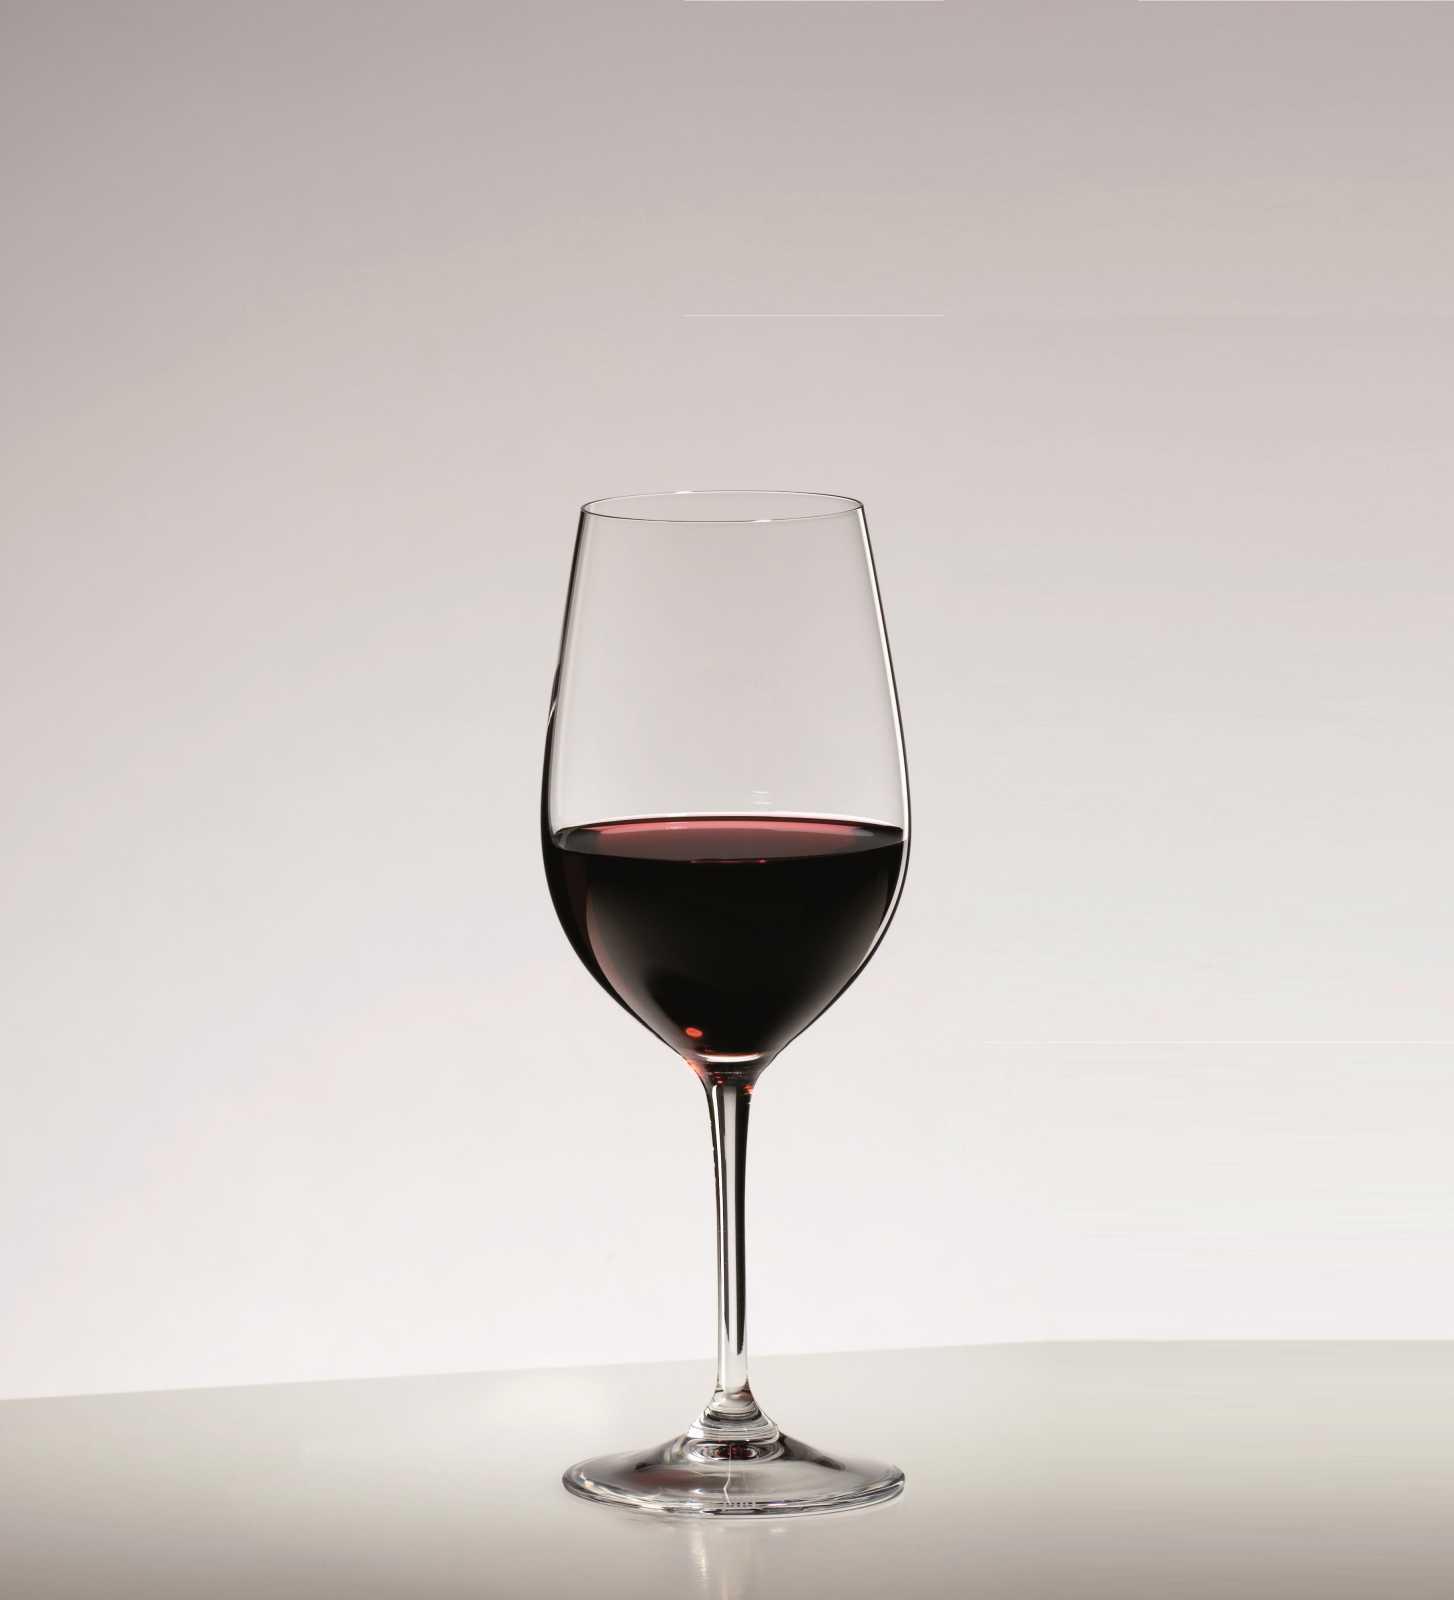 Набор бокалов для вина_Zinfandel/Riesling Riedel Vinum, объем 0,4 л, прозрачный, 2 штуки Riedel 6416/15 фото 3